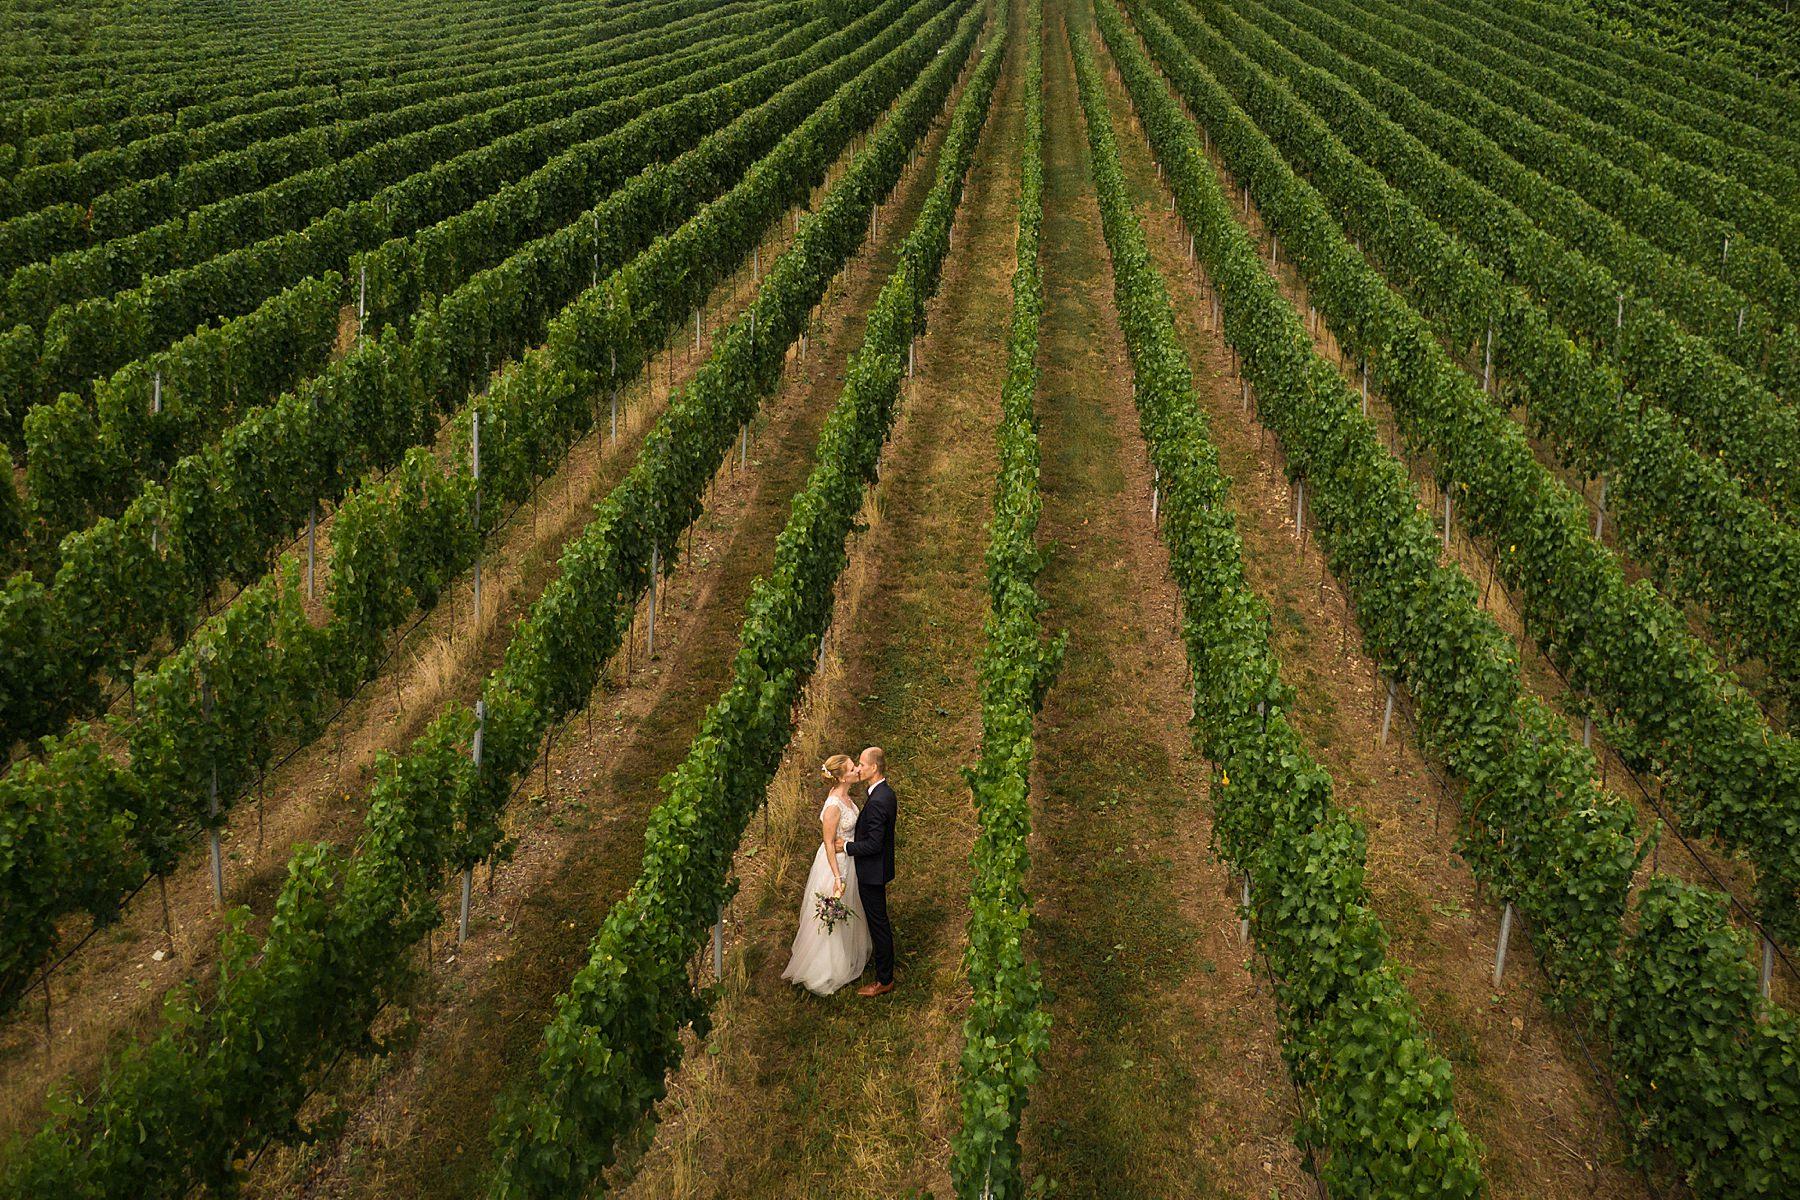 Drohnenfoto von Brautpaar in den Weinbergen in Heilbronn